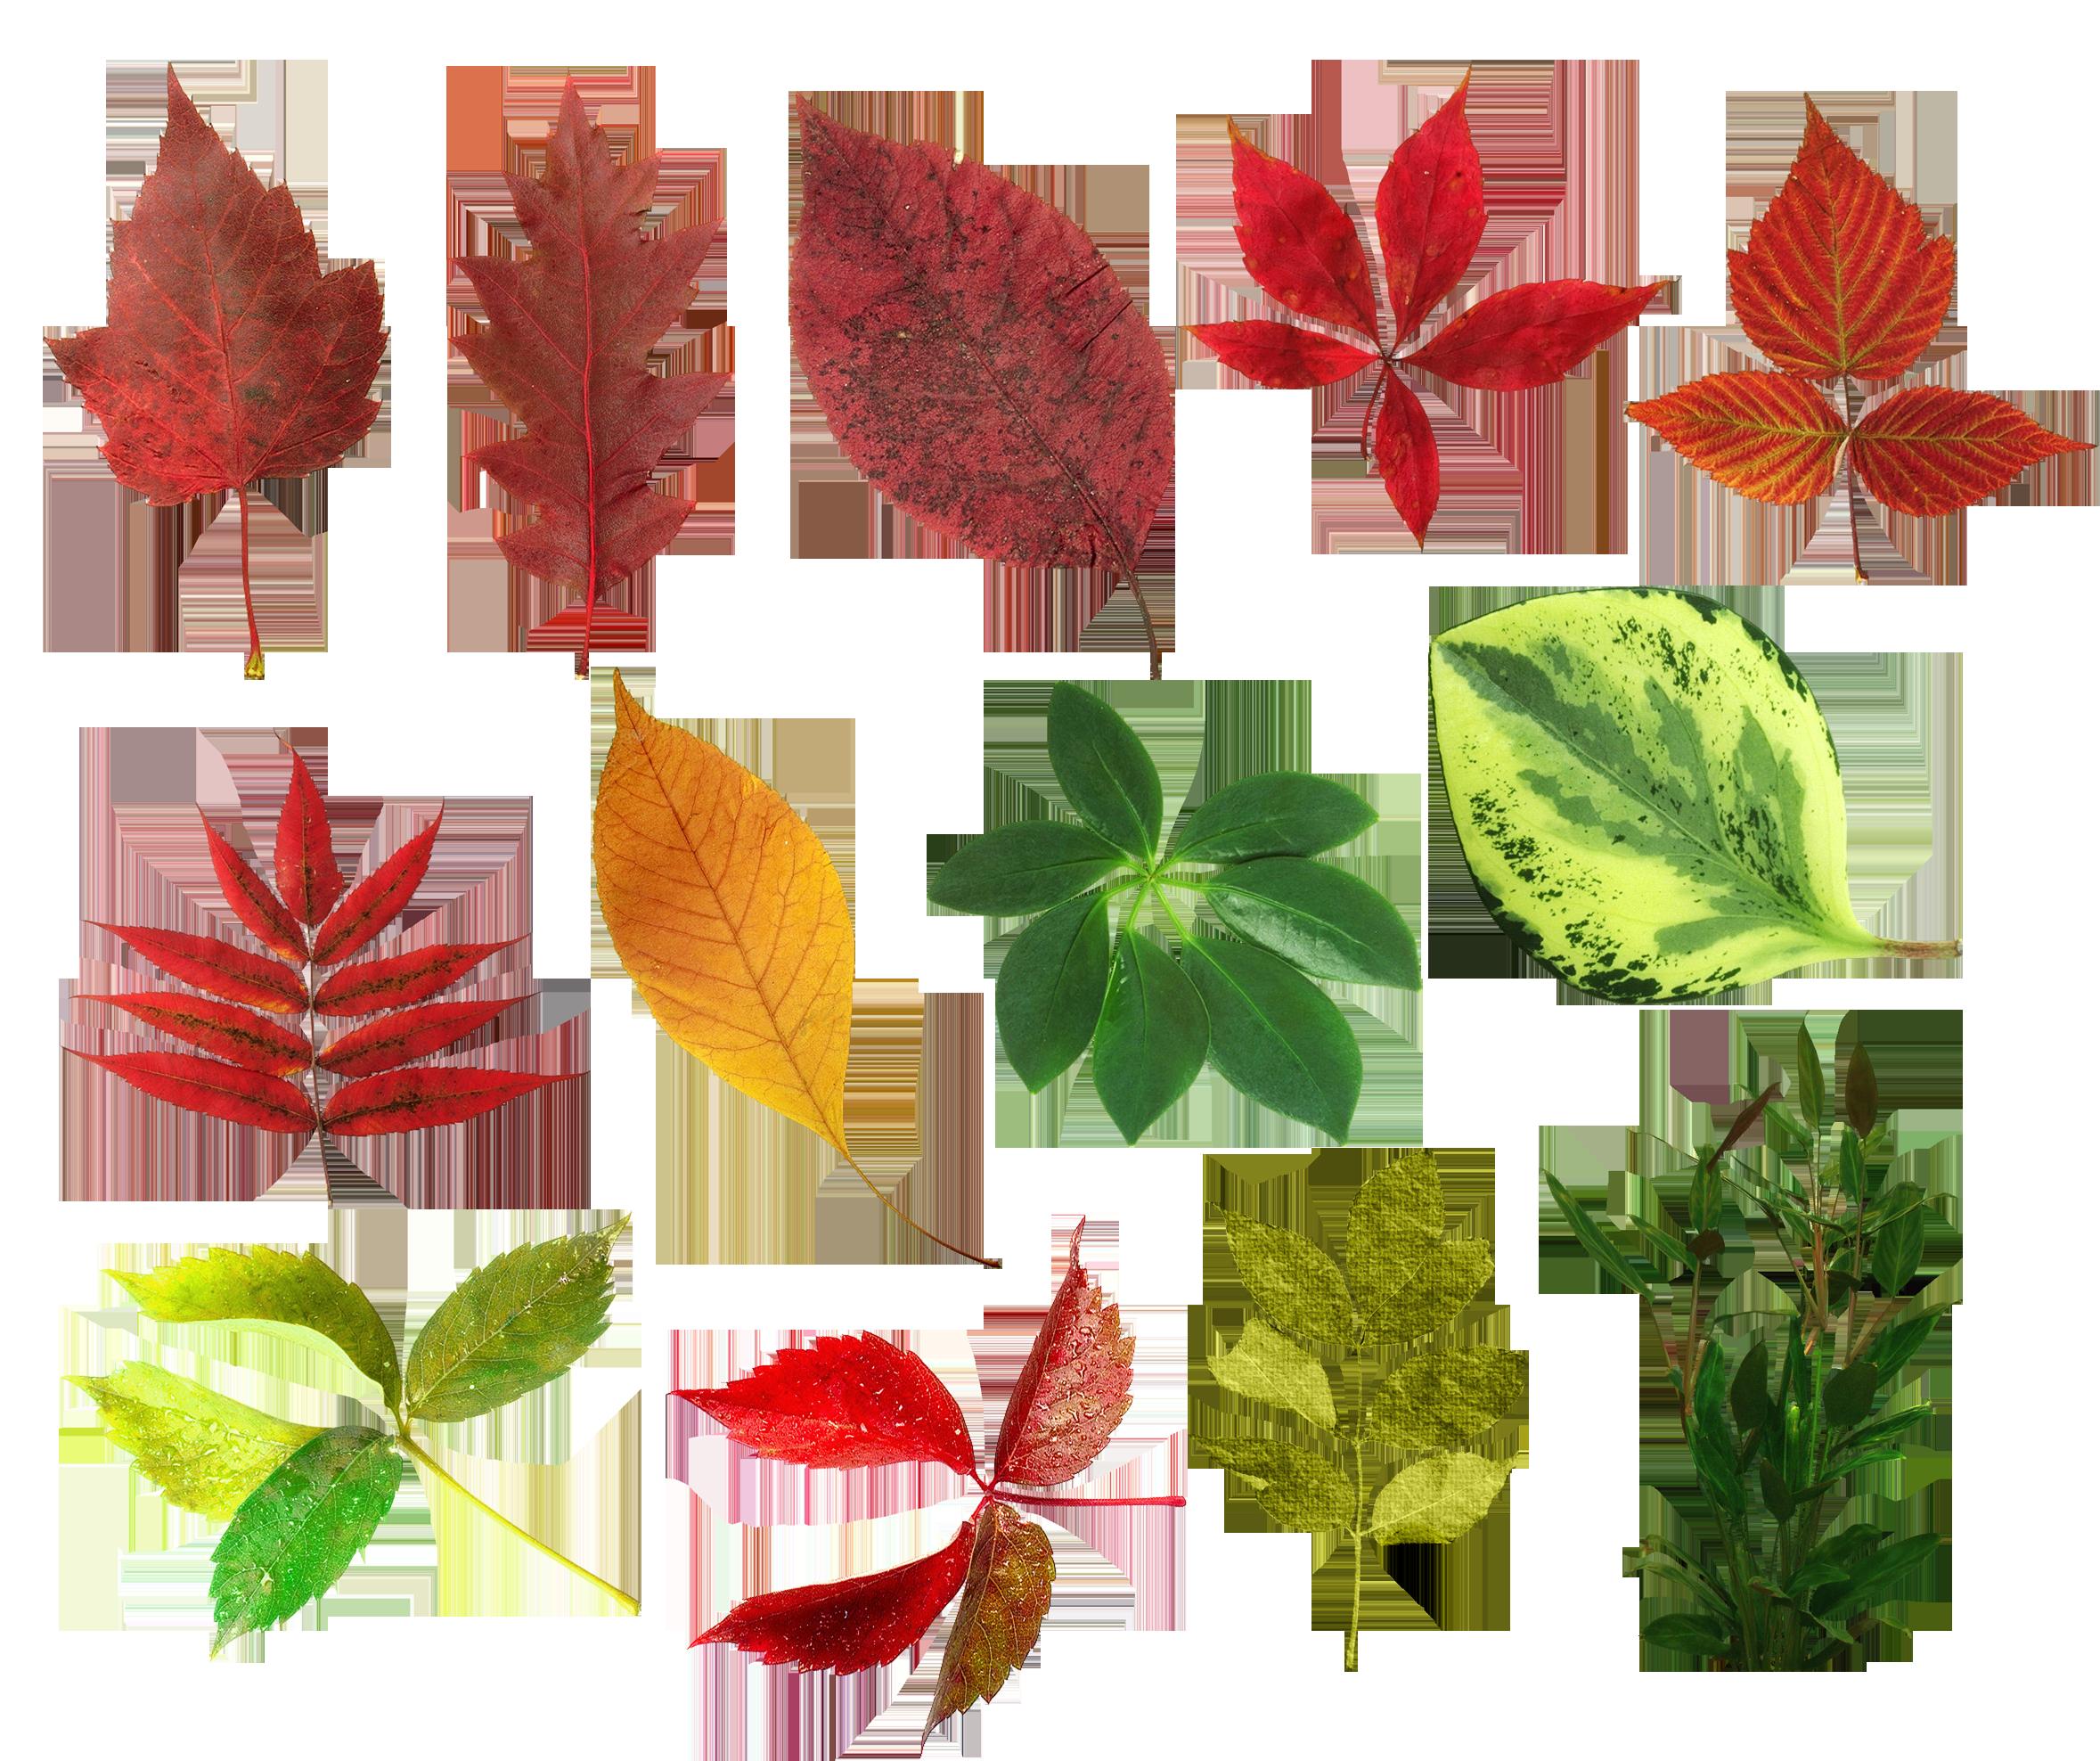 нас всегда показать в картинках листья разных деревьев касается